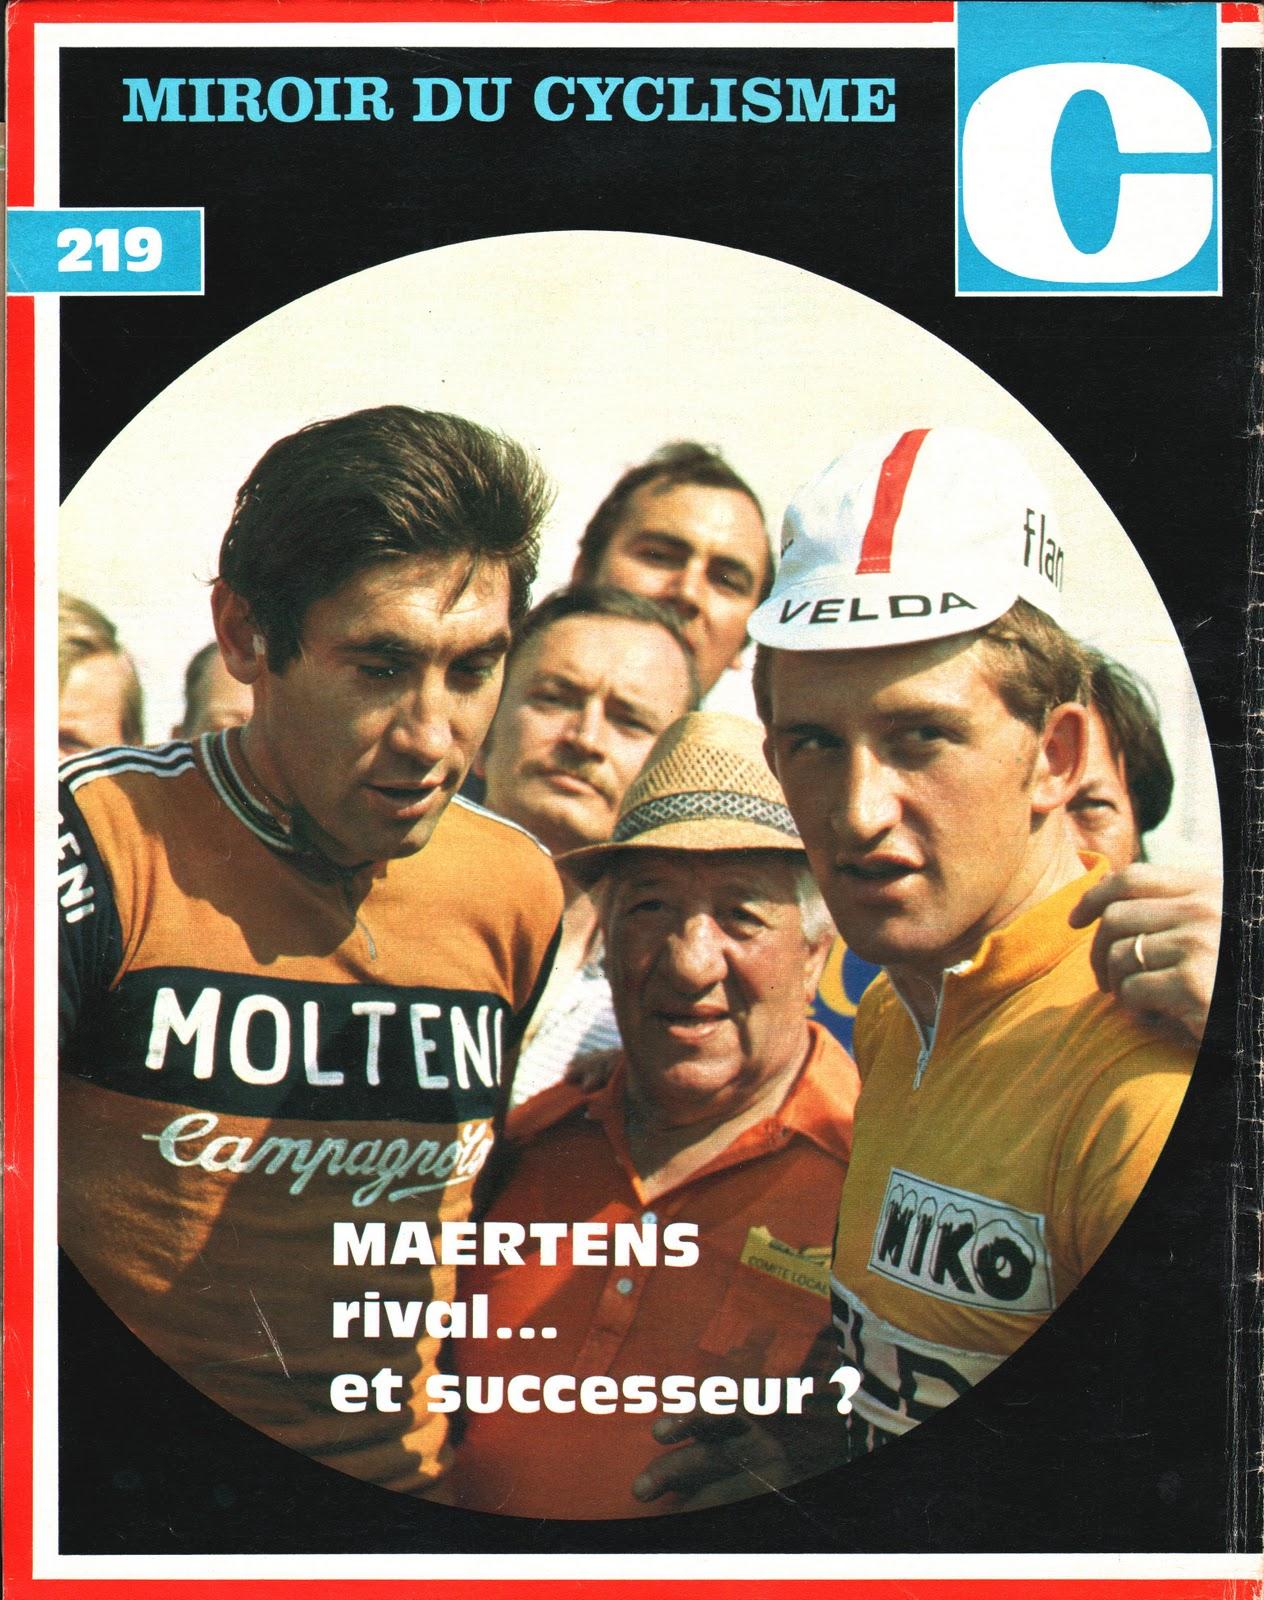 Mon tour de france 1959 la suite dans la roue de freddy for Miroir du ciclisme